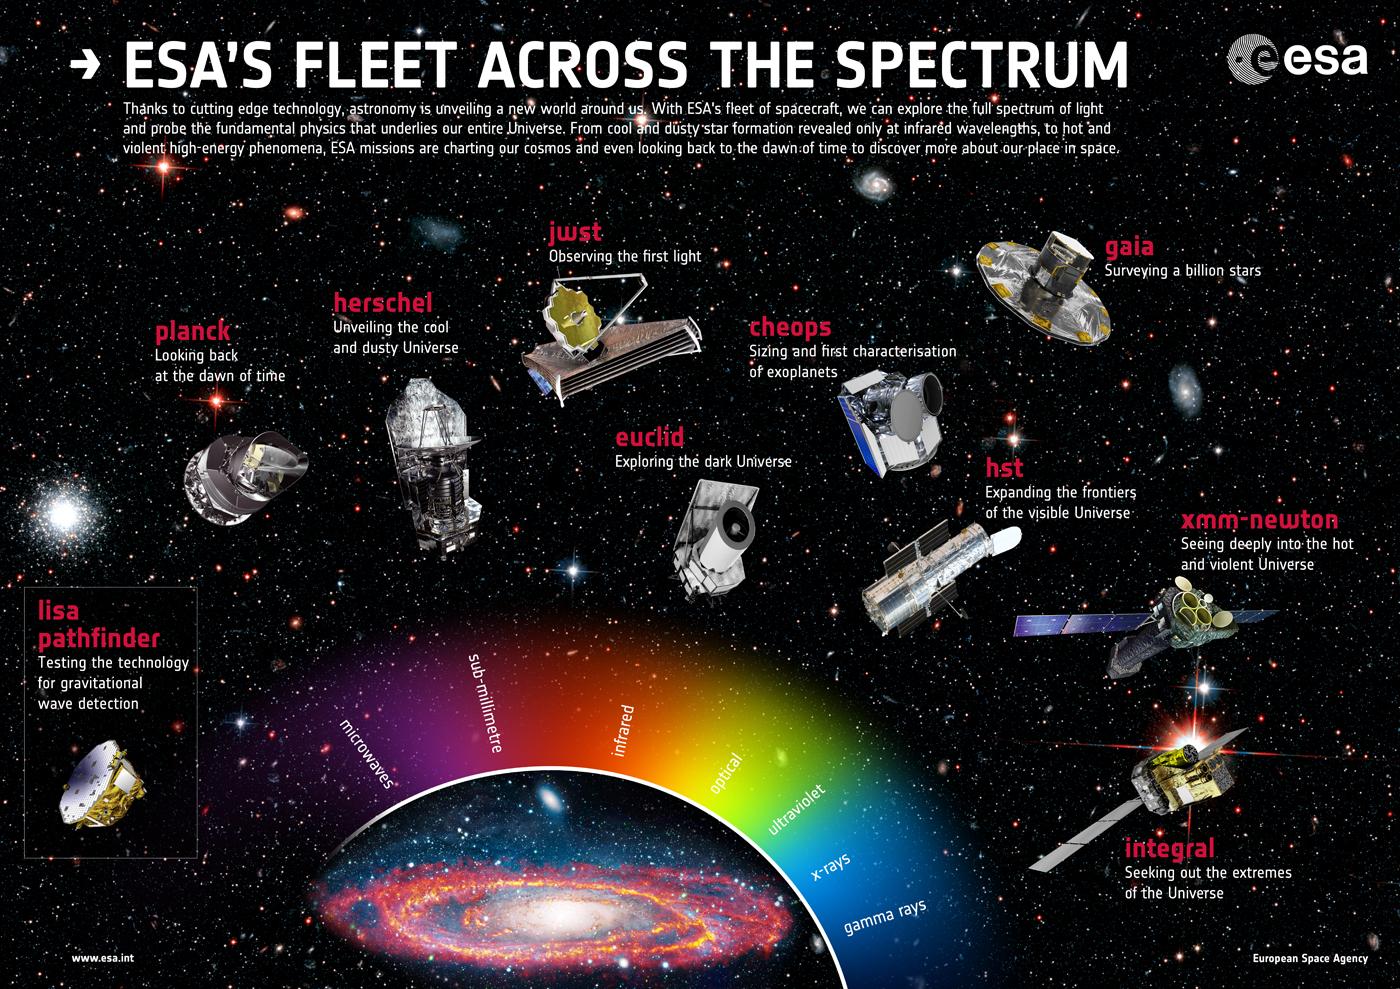 Le missioni astrofisiche dell'ESA e la loro copertura dello spettro elettromagnetico.